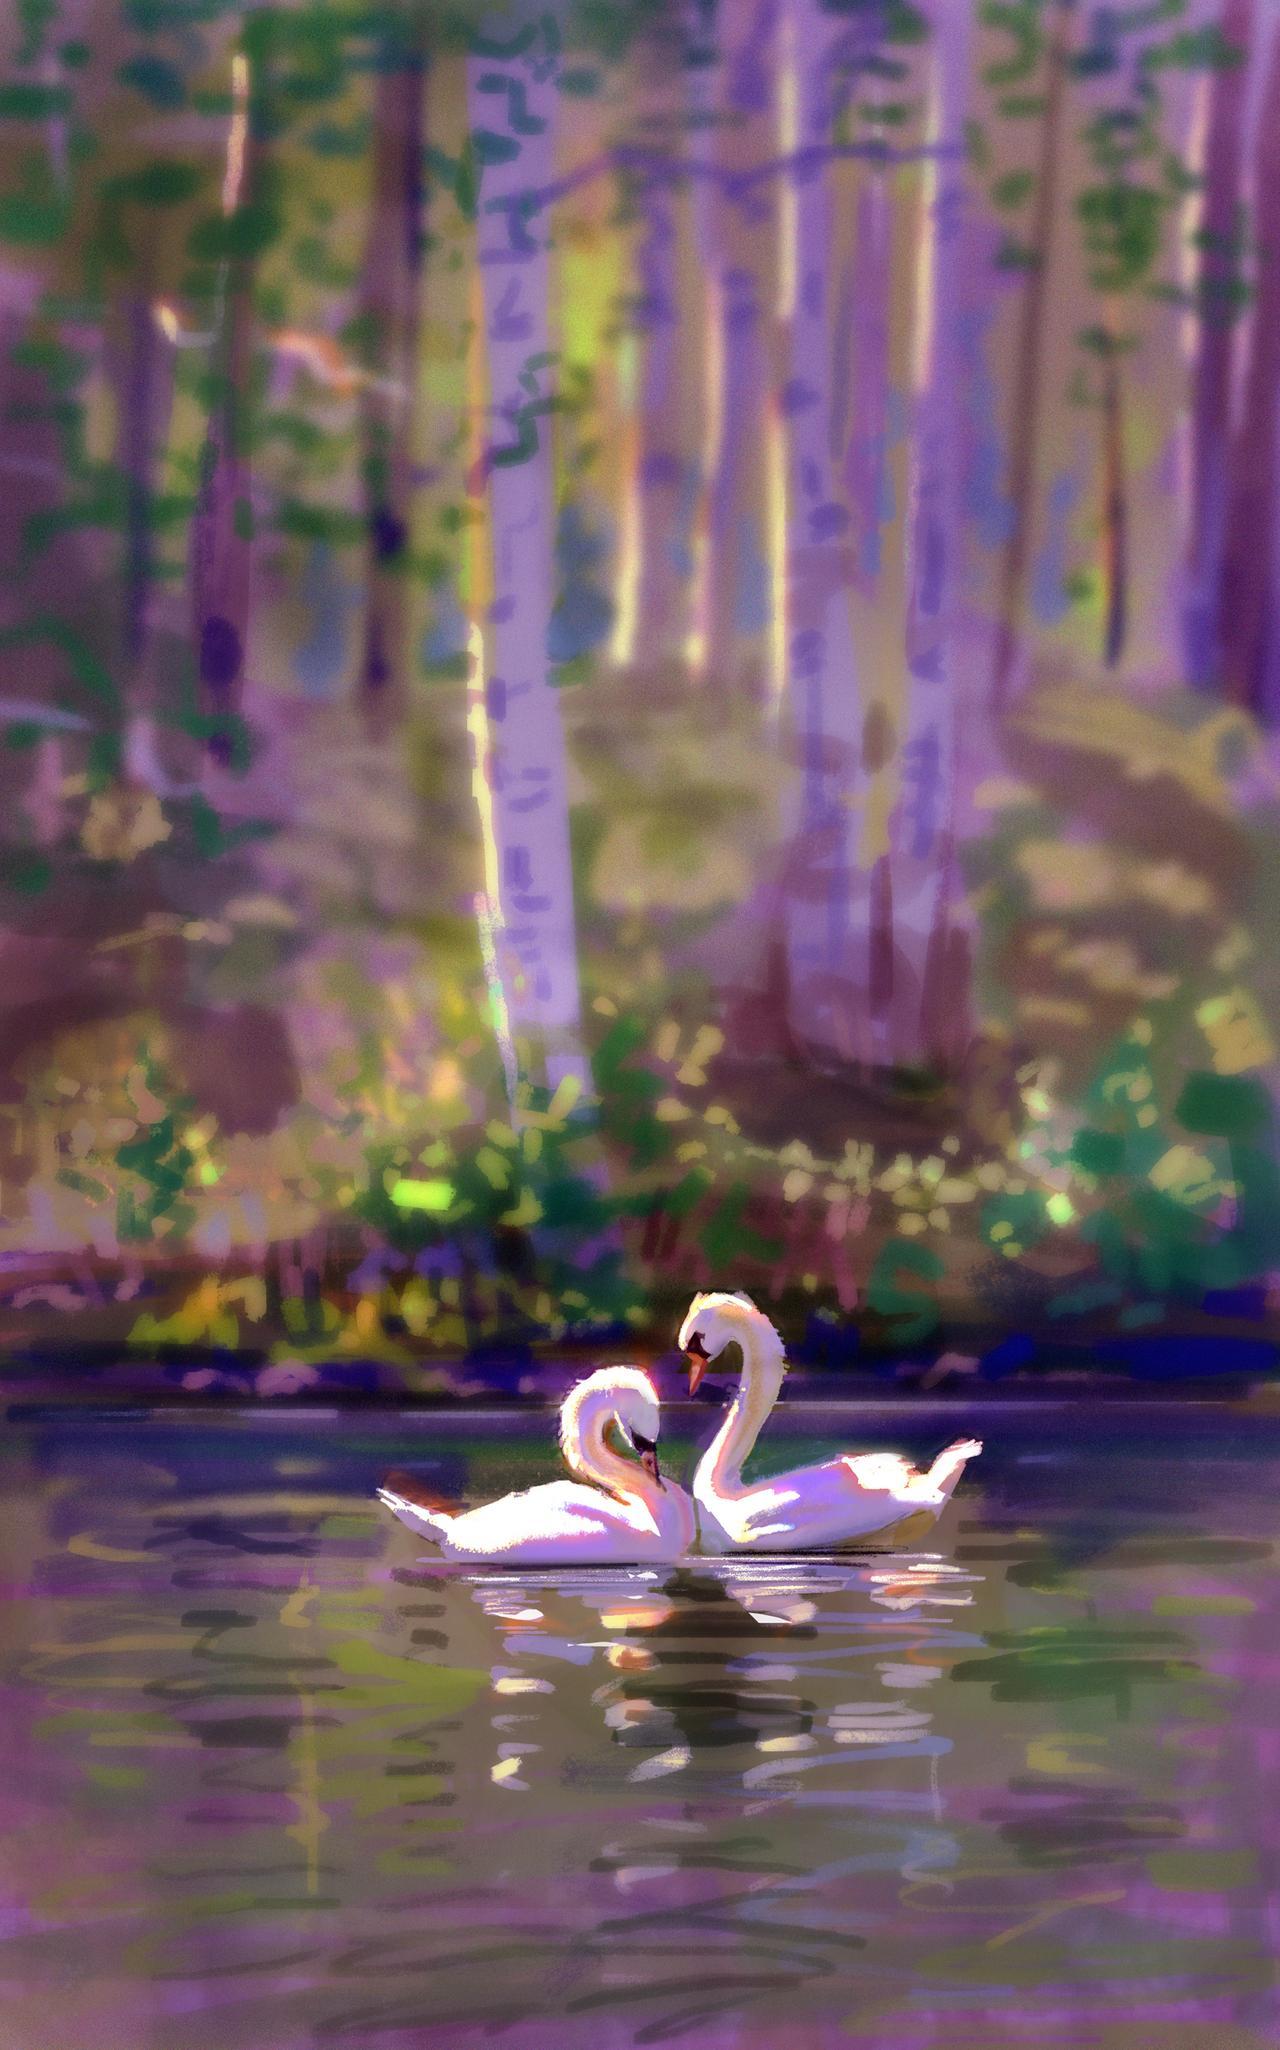 55766 Hintergrundbild herunterladen Vögel, Kunst, Swans, Liebe, Paar - Bildschirmschoner und Bilder kostenlos